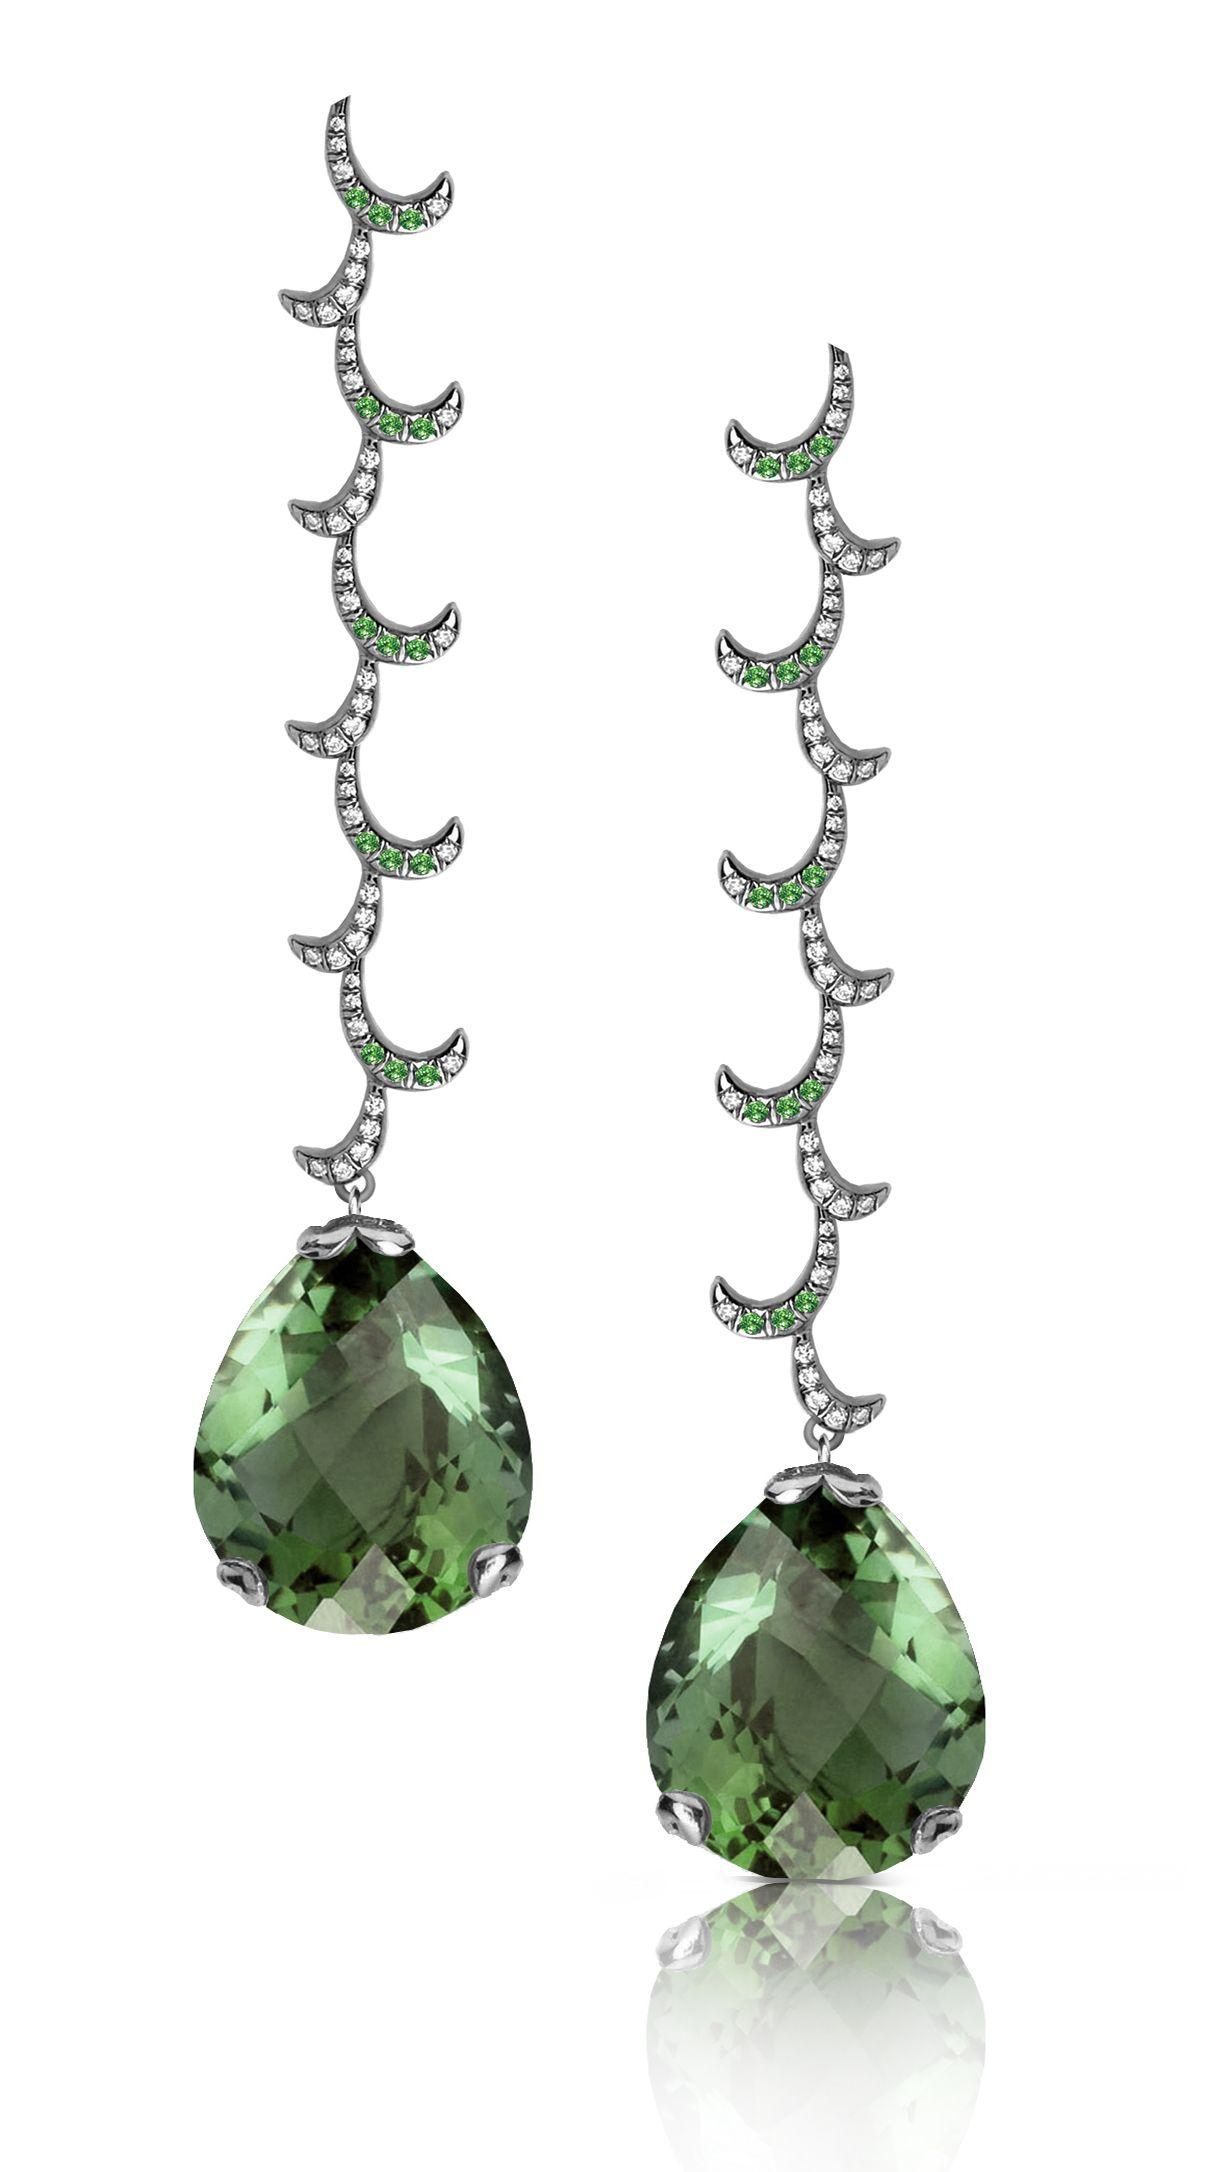 'Whispering' green amethyst drop #earrings by Fei Liu (as worn by Dannii Minogue!)